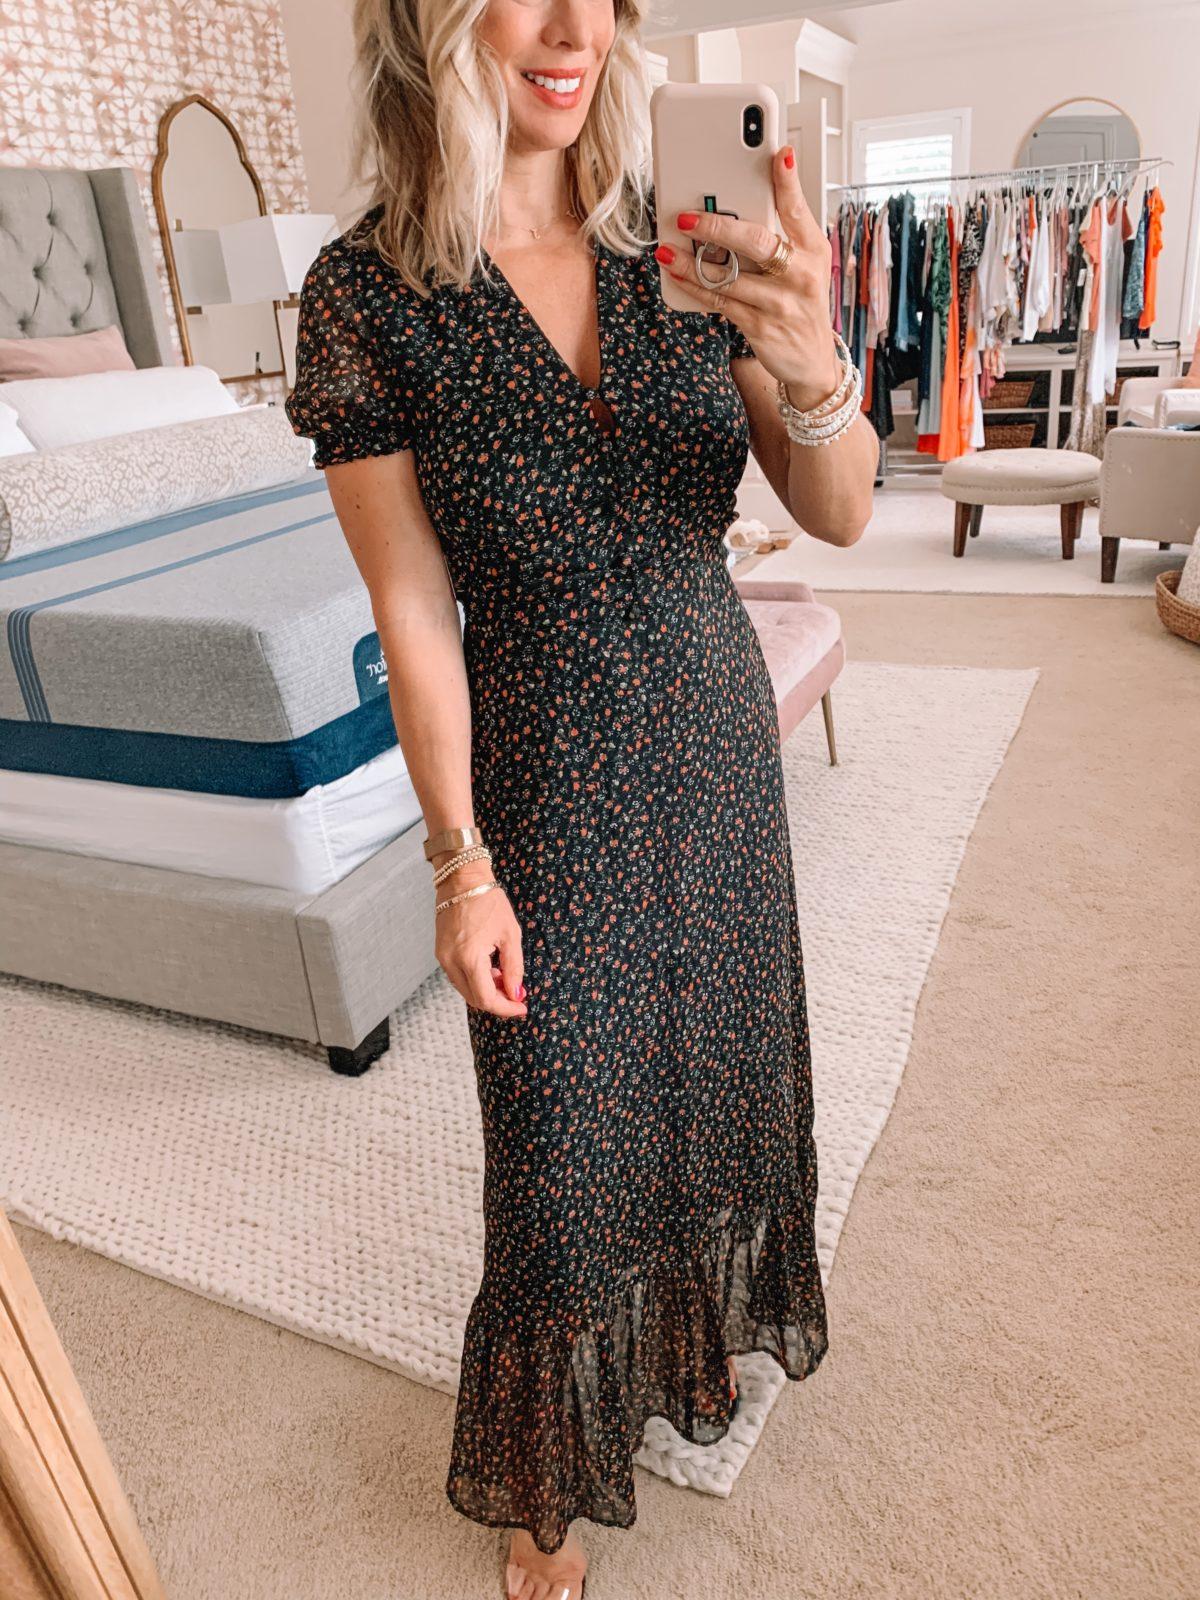 Dressing Room Finds Nordstrom and Target, Short Sleeve Black Floral Dress, Clear Heels